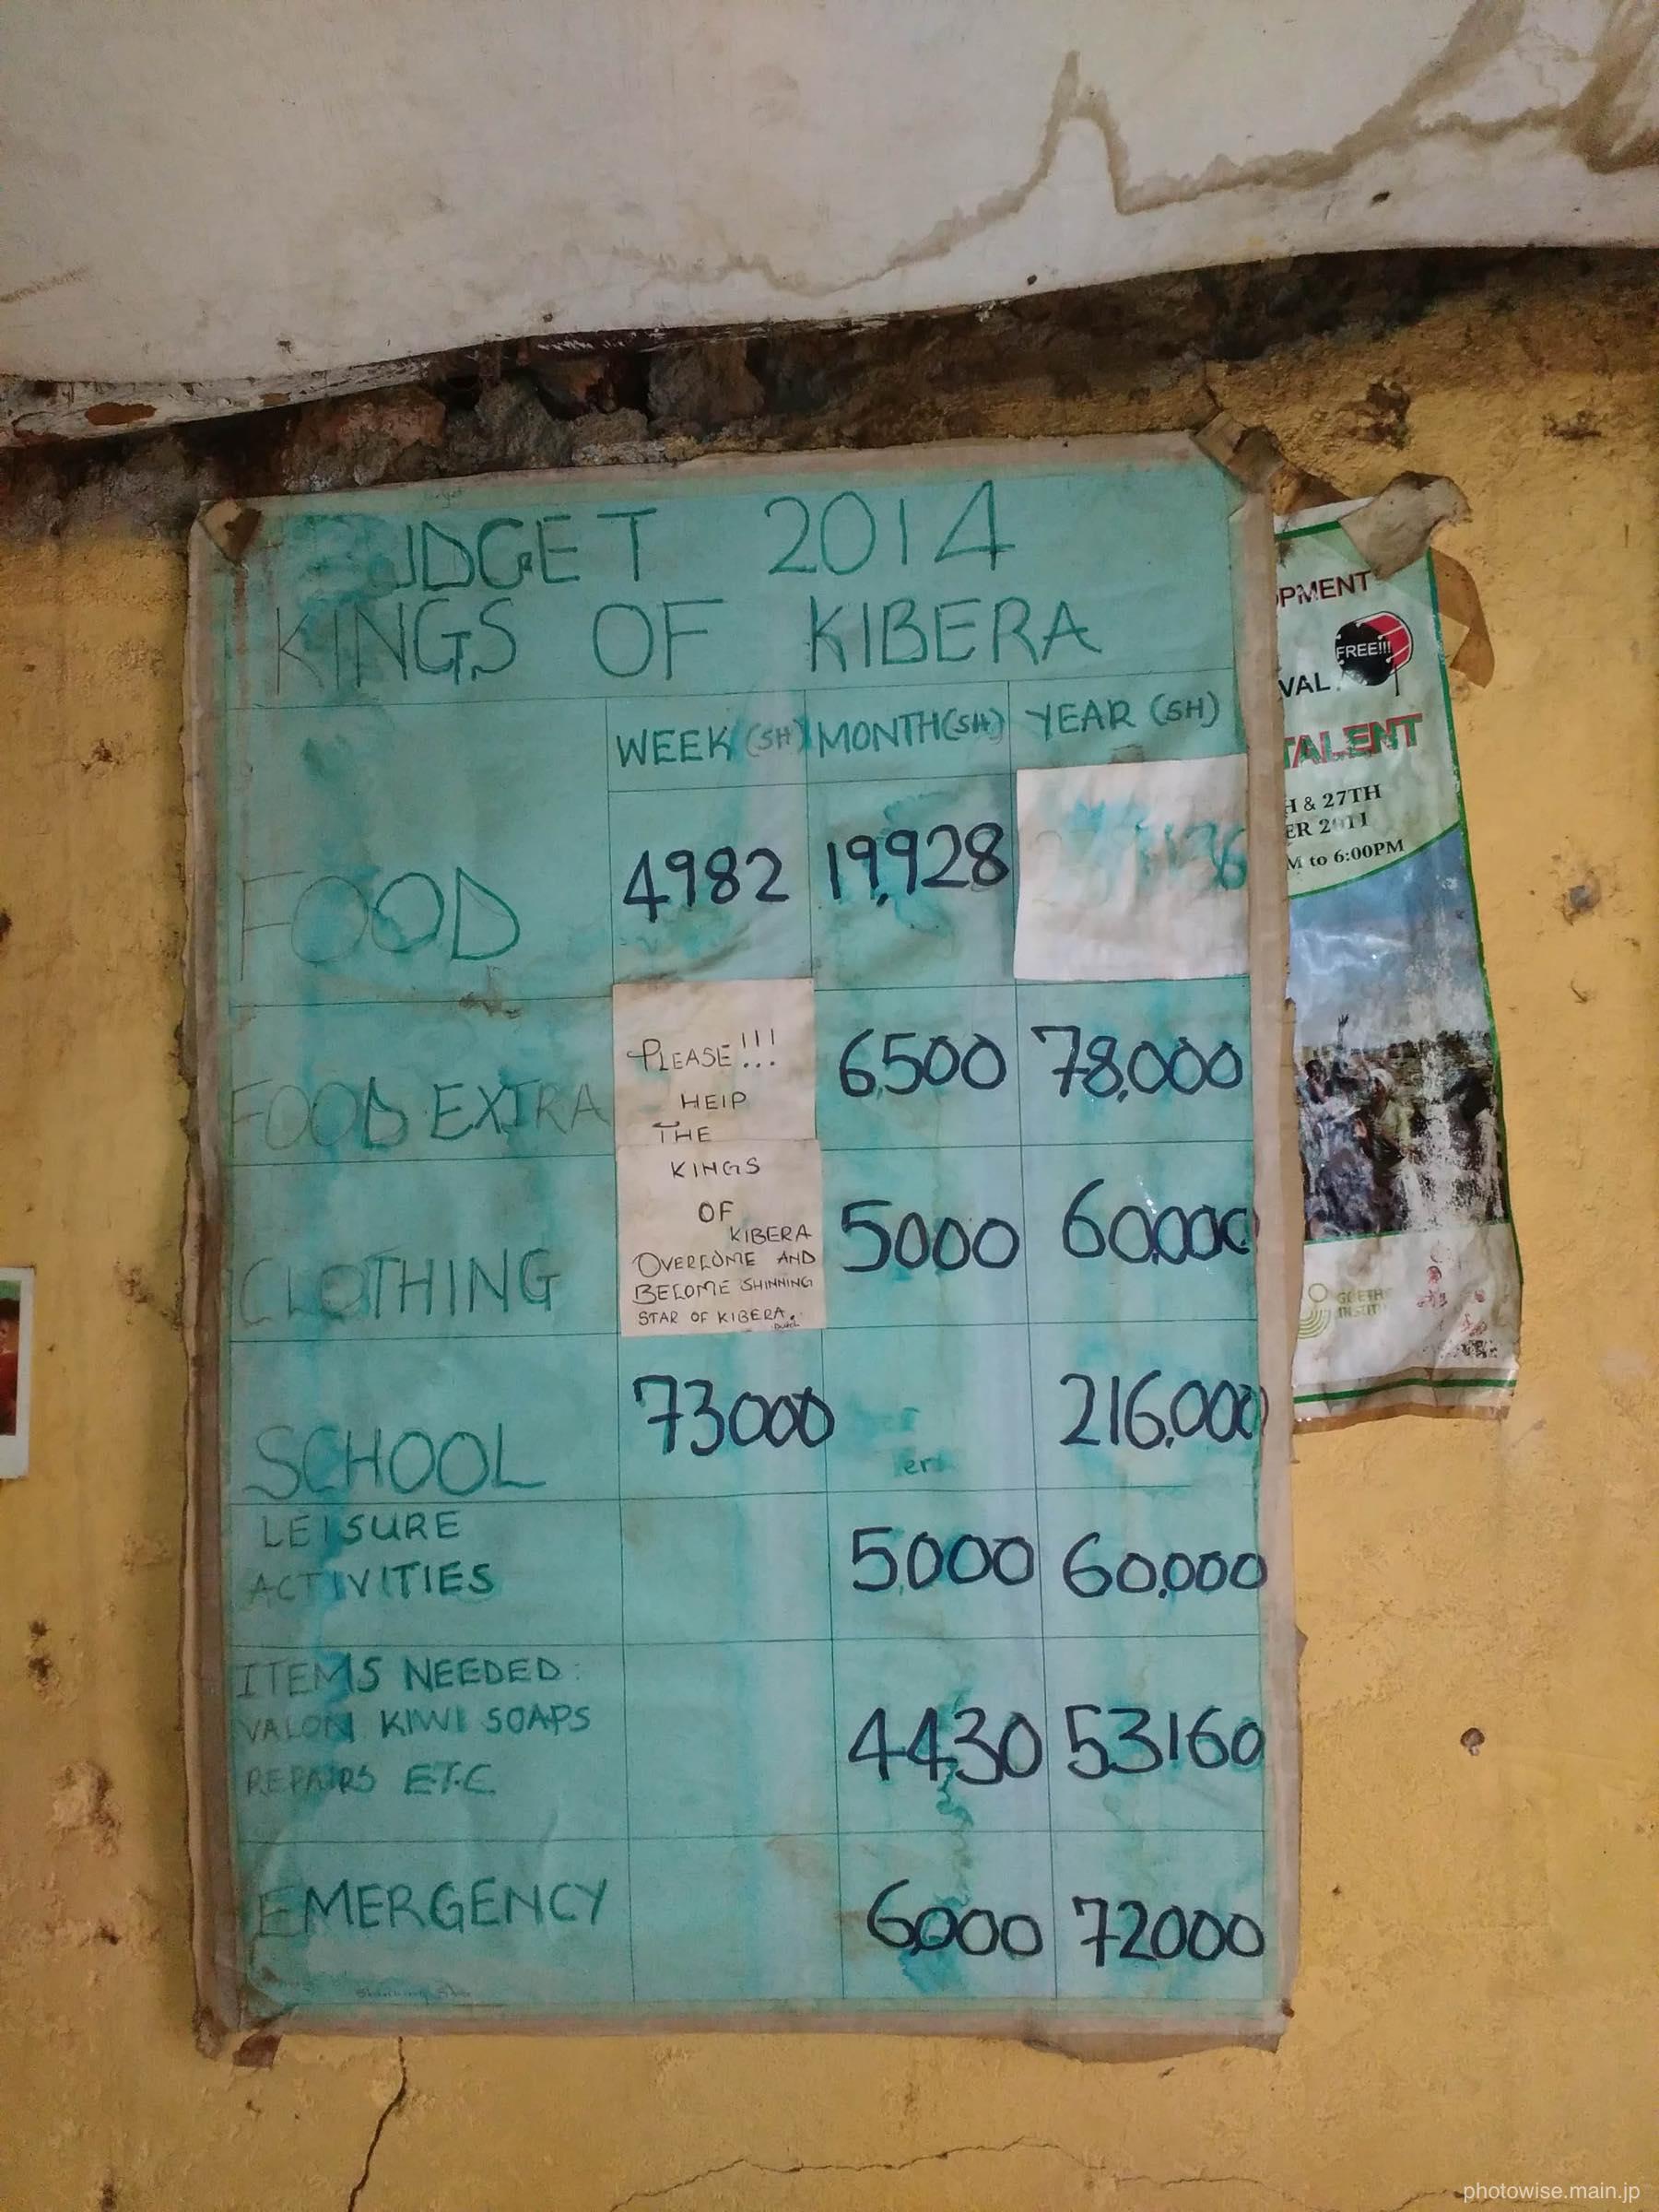 kings of kibera